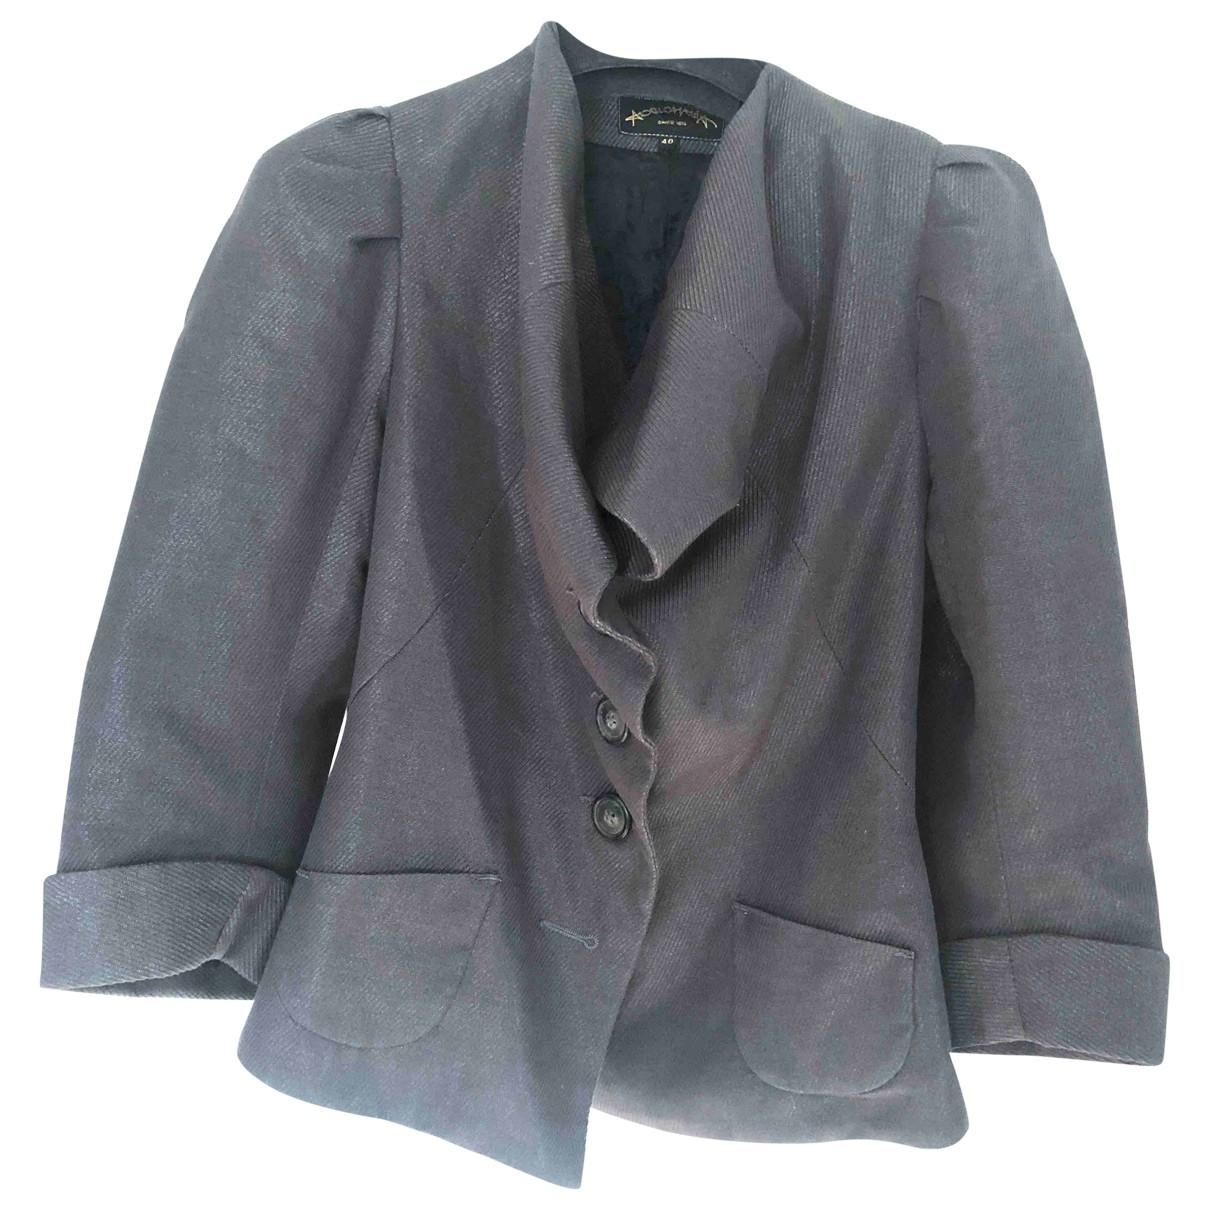 Vivienne Westwood Anglomania \N Jacke in  Grau Baumwolle